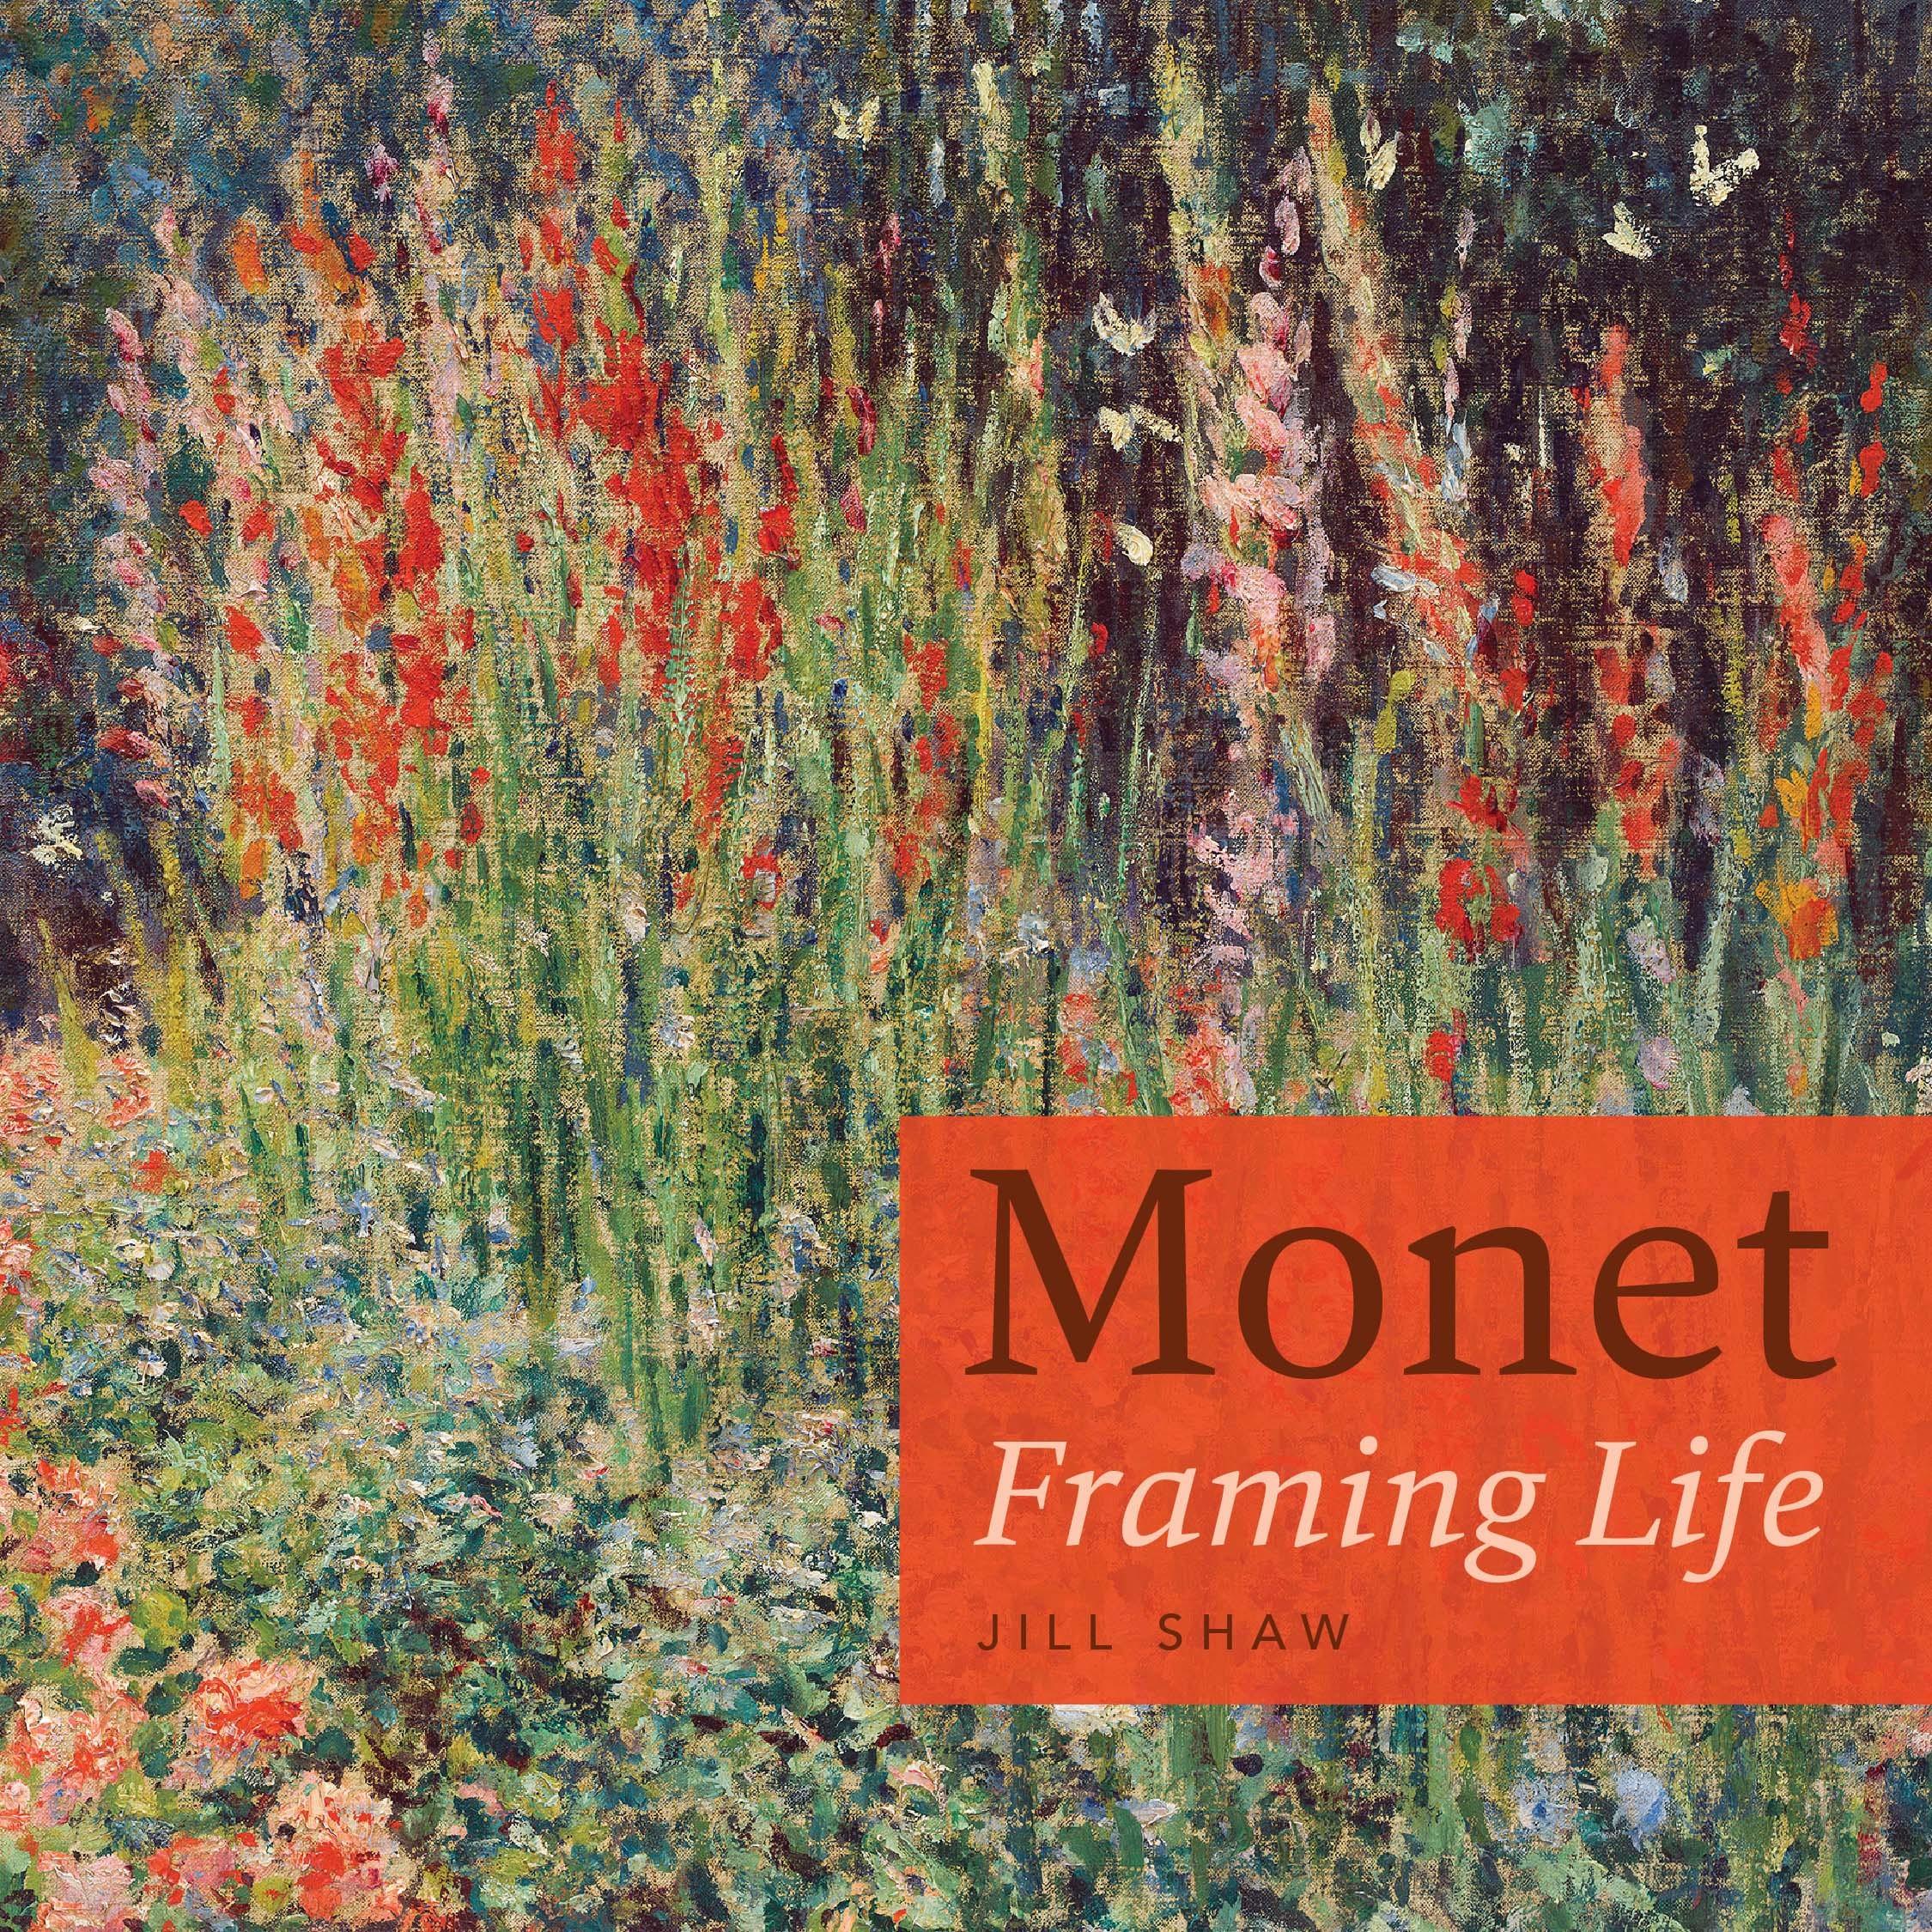 Monet: Framing Life